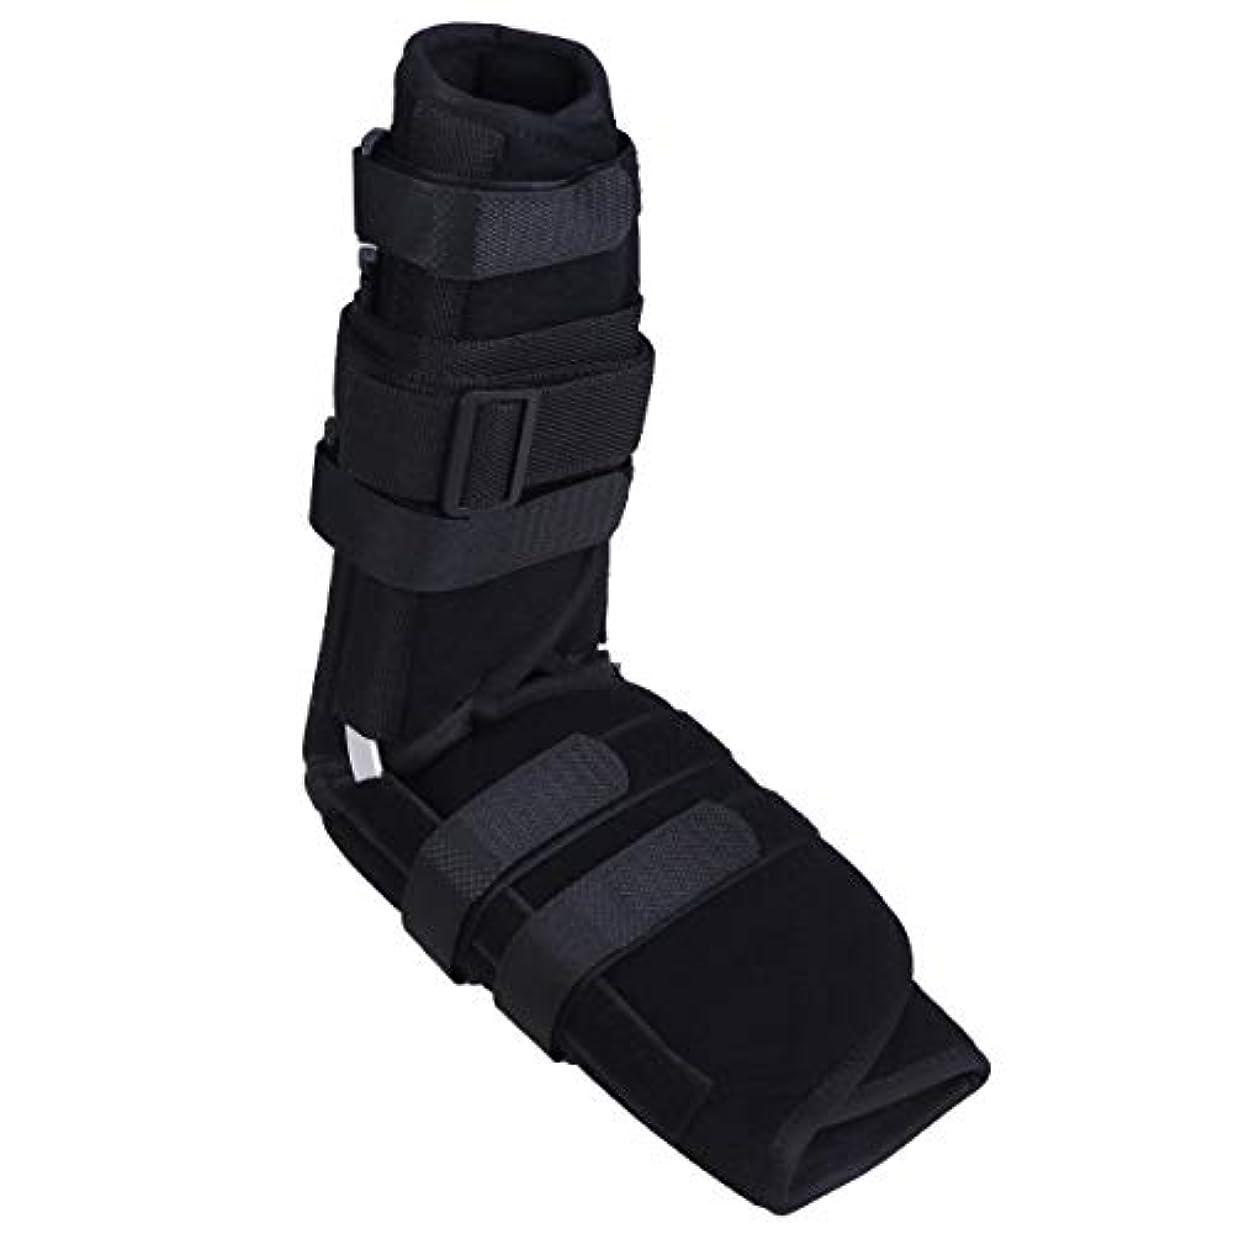 モナリザキッチン安心させるHealifty アームスリング前腕人間工学に基づいた通気性調整可能な肘壊れた手首骨折した腕サポートベルト男性女性サイズm